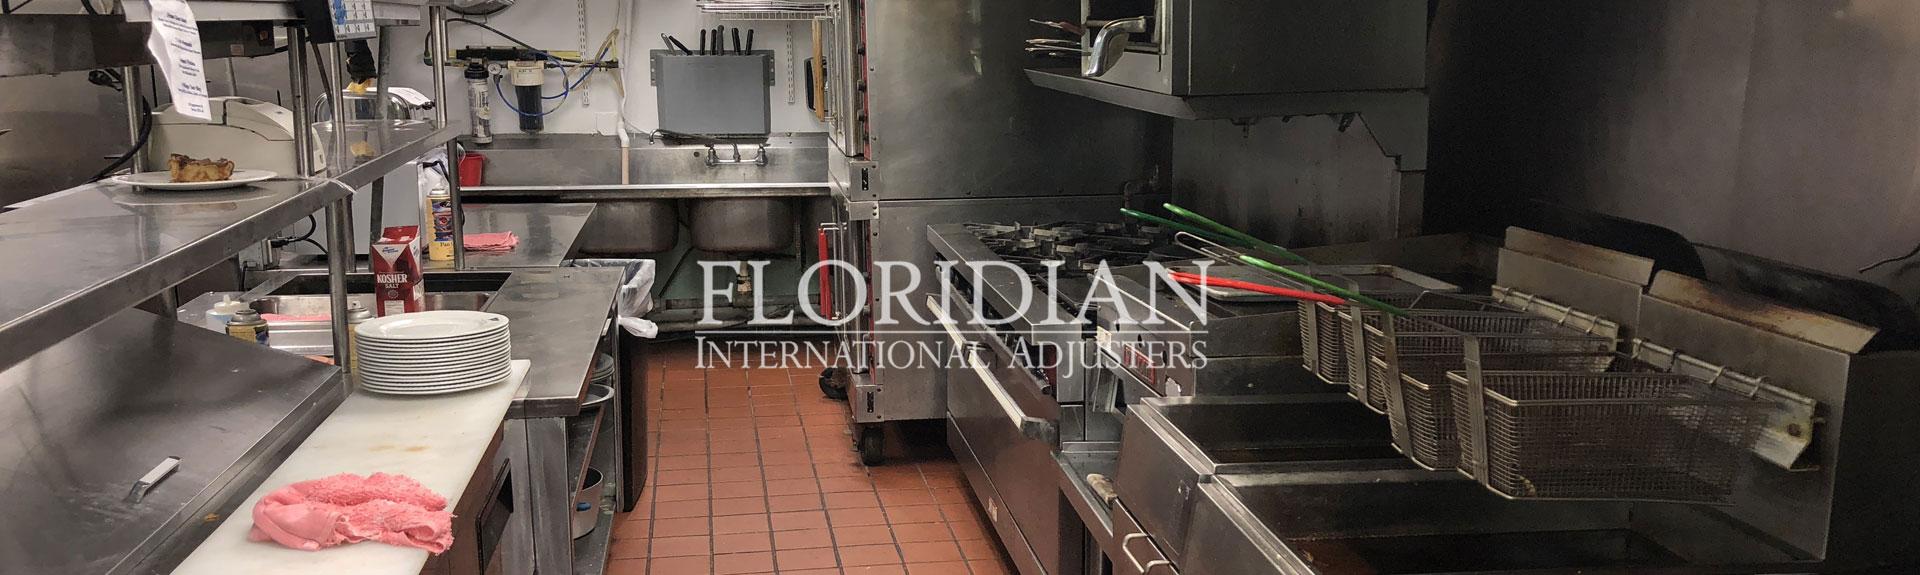 restaurant insurance claim